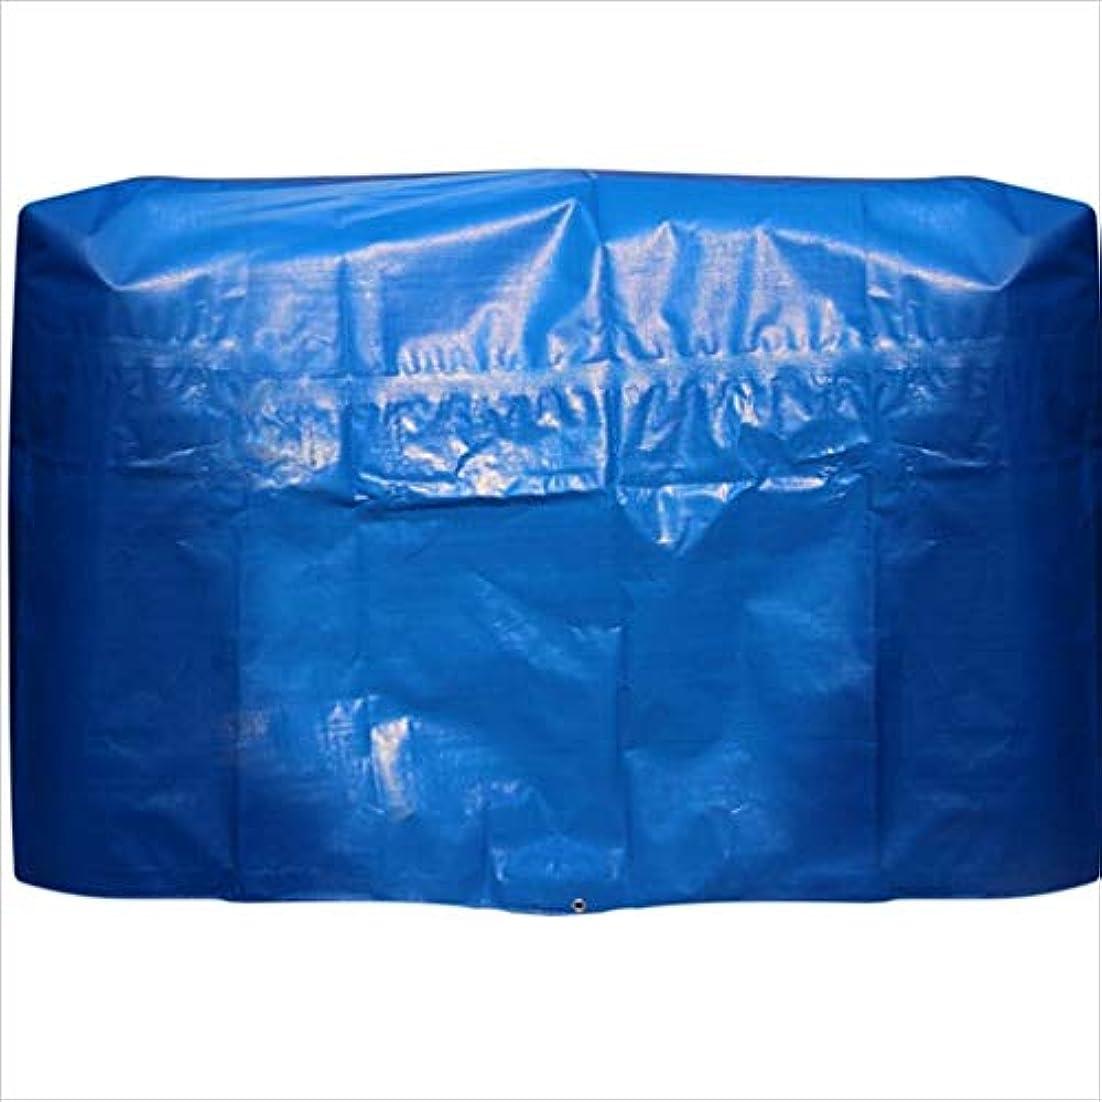 エコー強化する教Juexianggou 屋外テント防水シート厚い防水防雨テント布物流トラック建設防塵防風プラスチック布高温老化防止 防水テントタープ